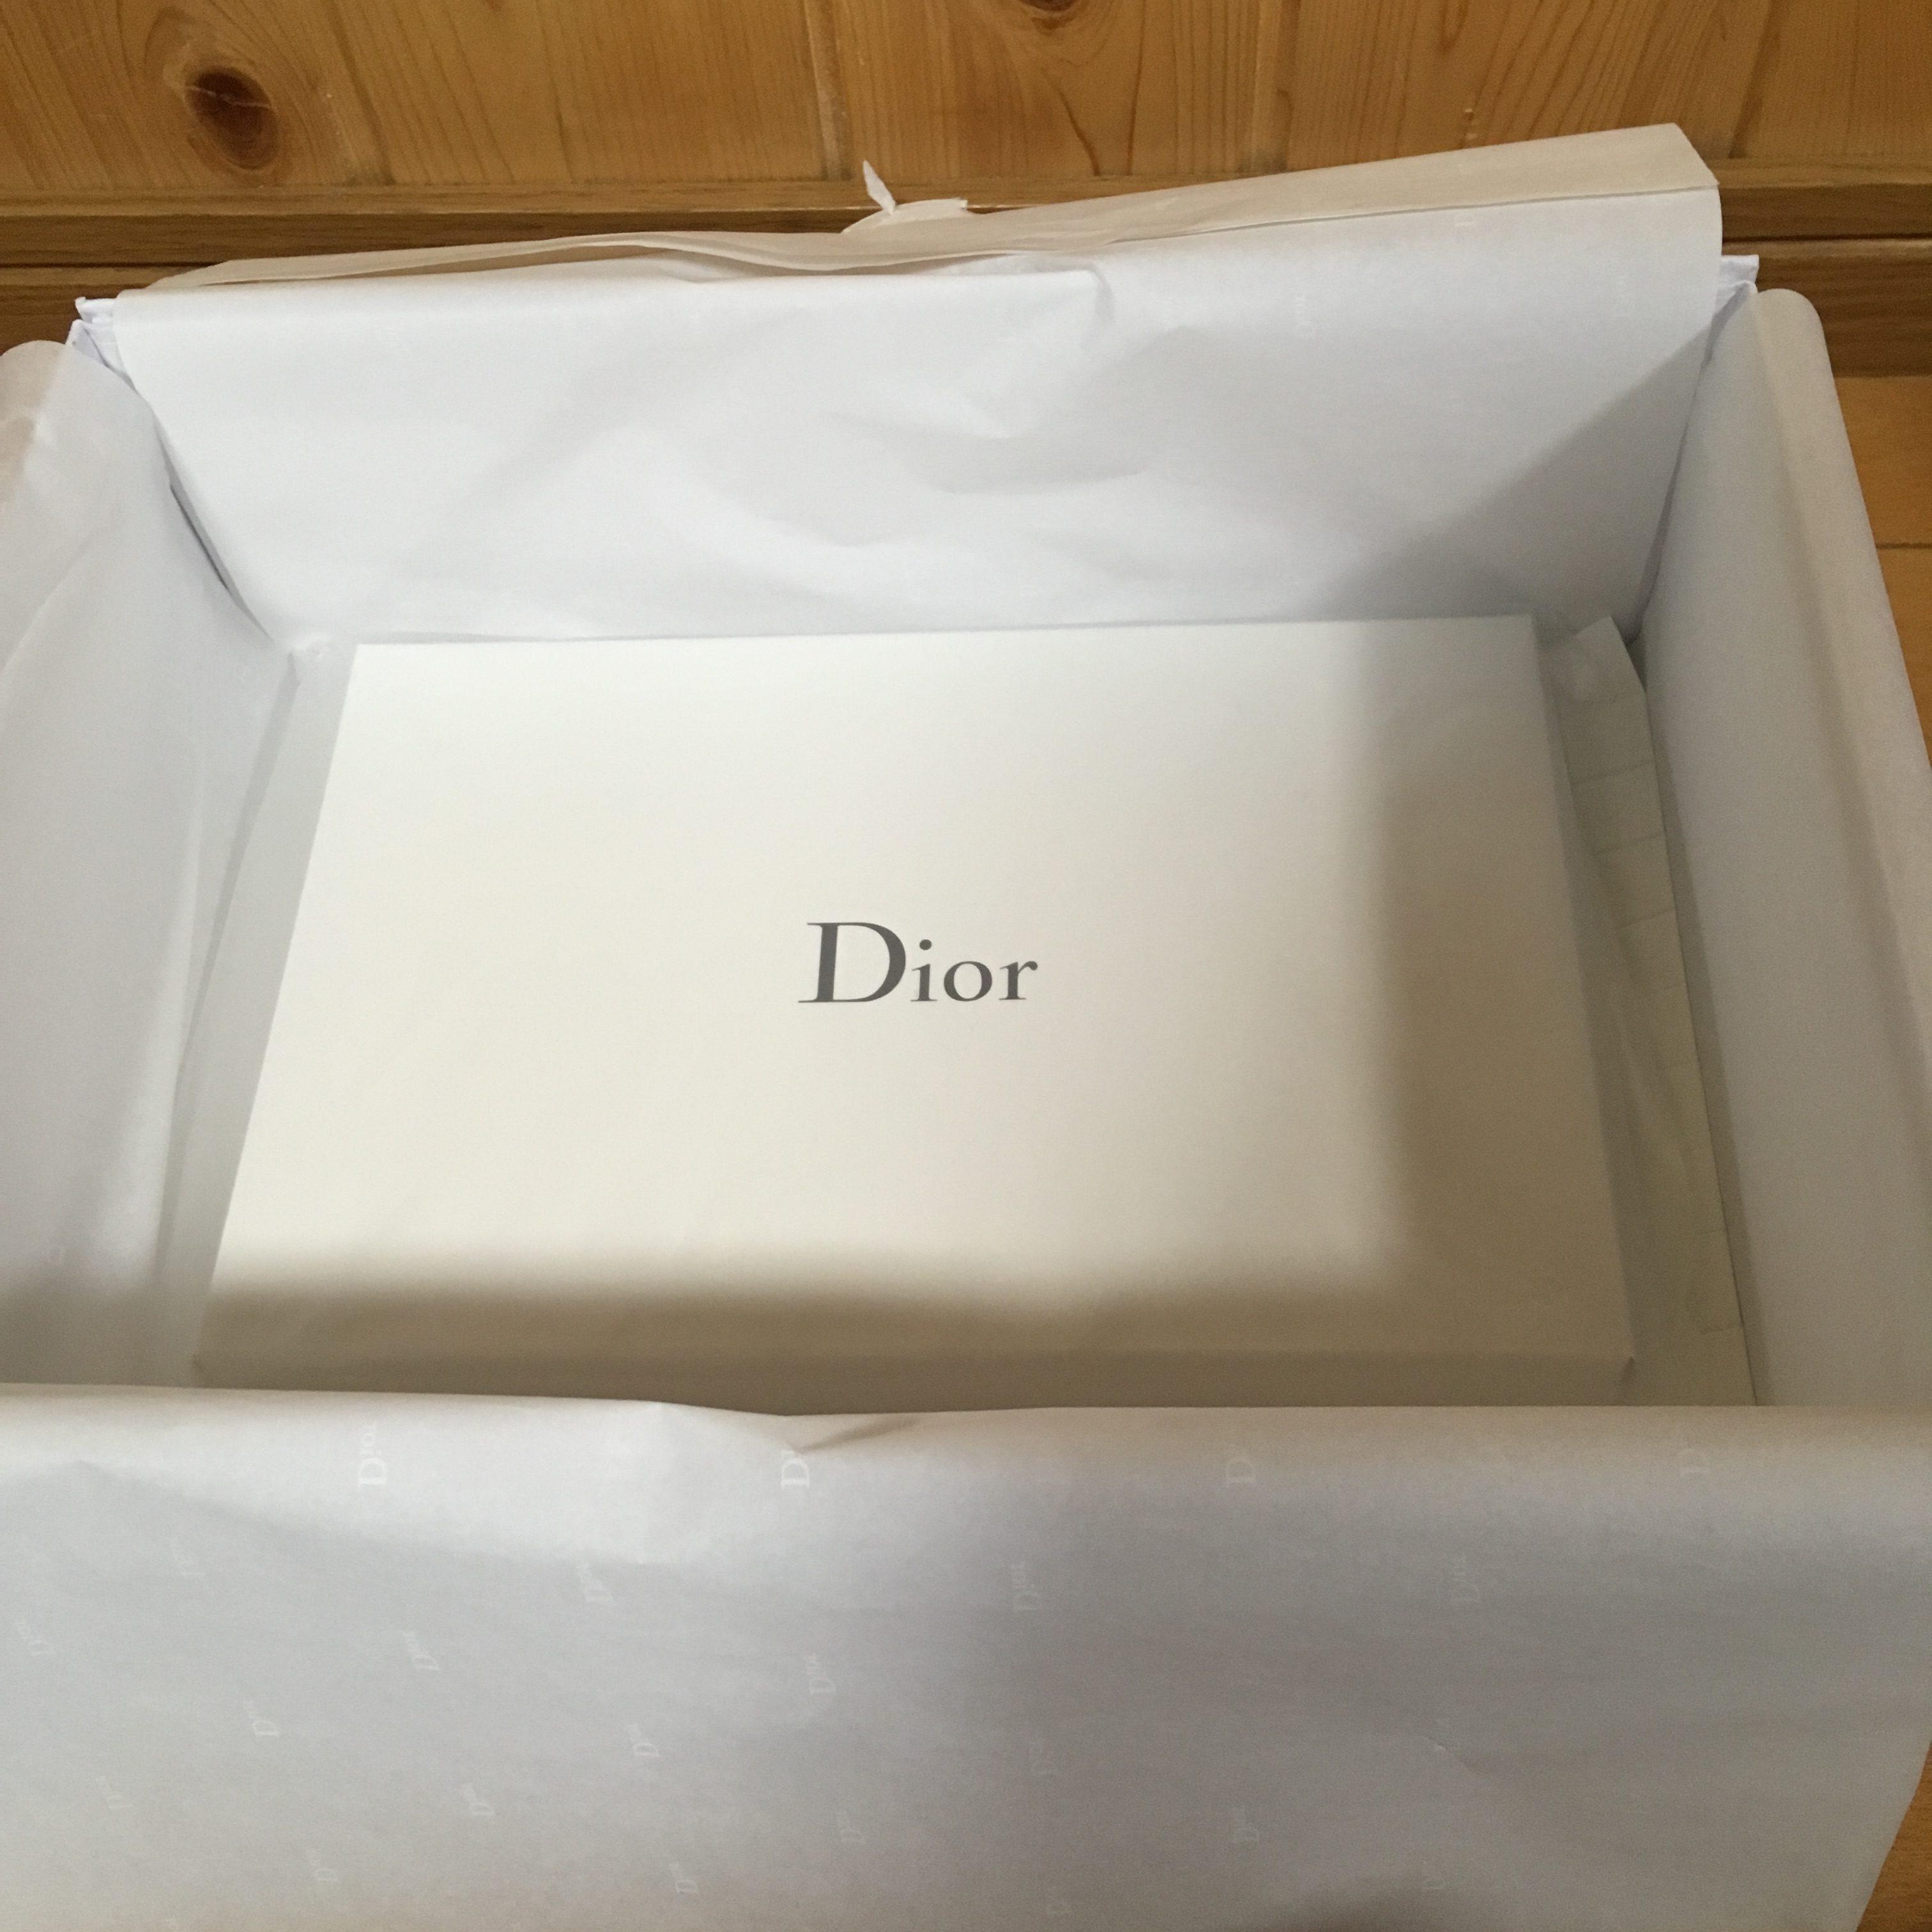 Dior ディオール ノベルティ ポーチ オンラインブティック ギフトラッピング